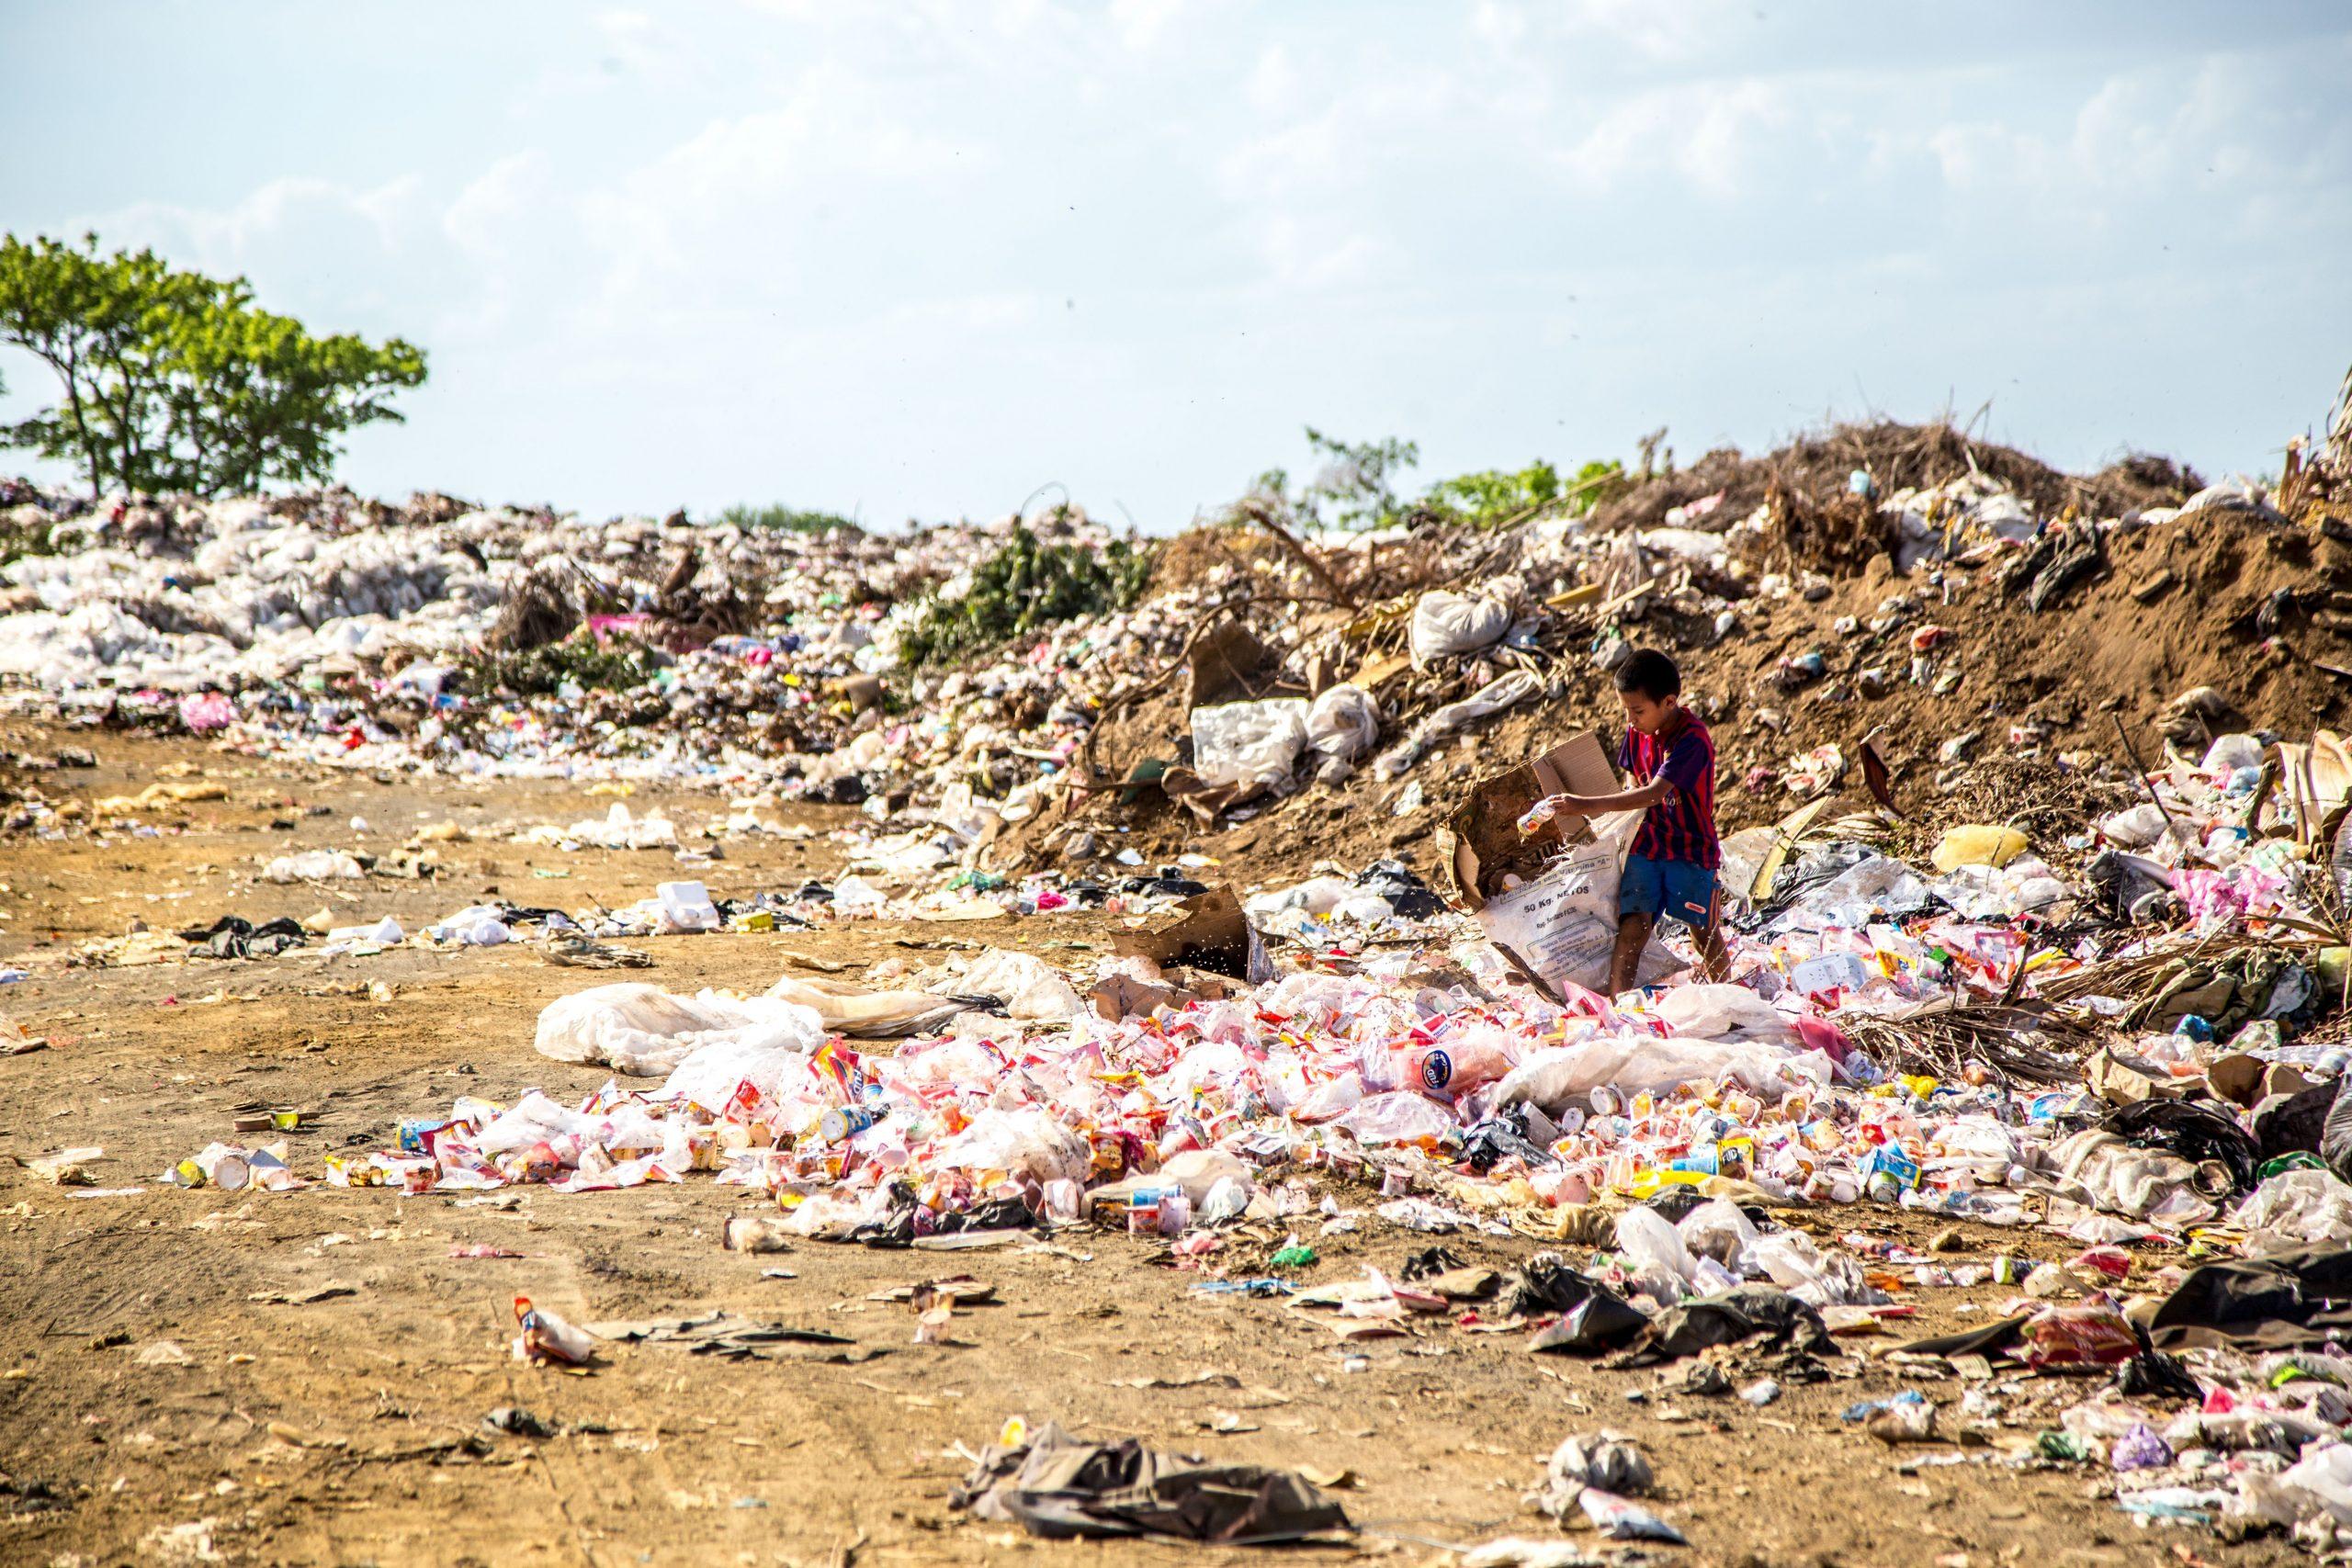 plast i naturen